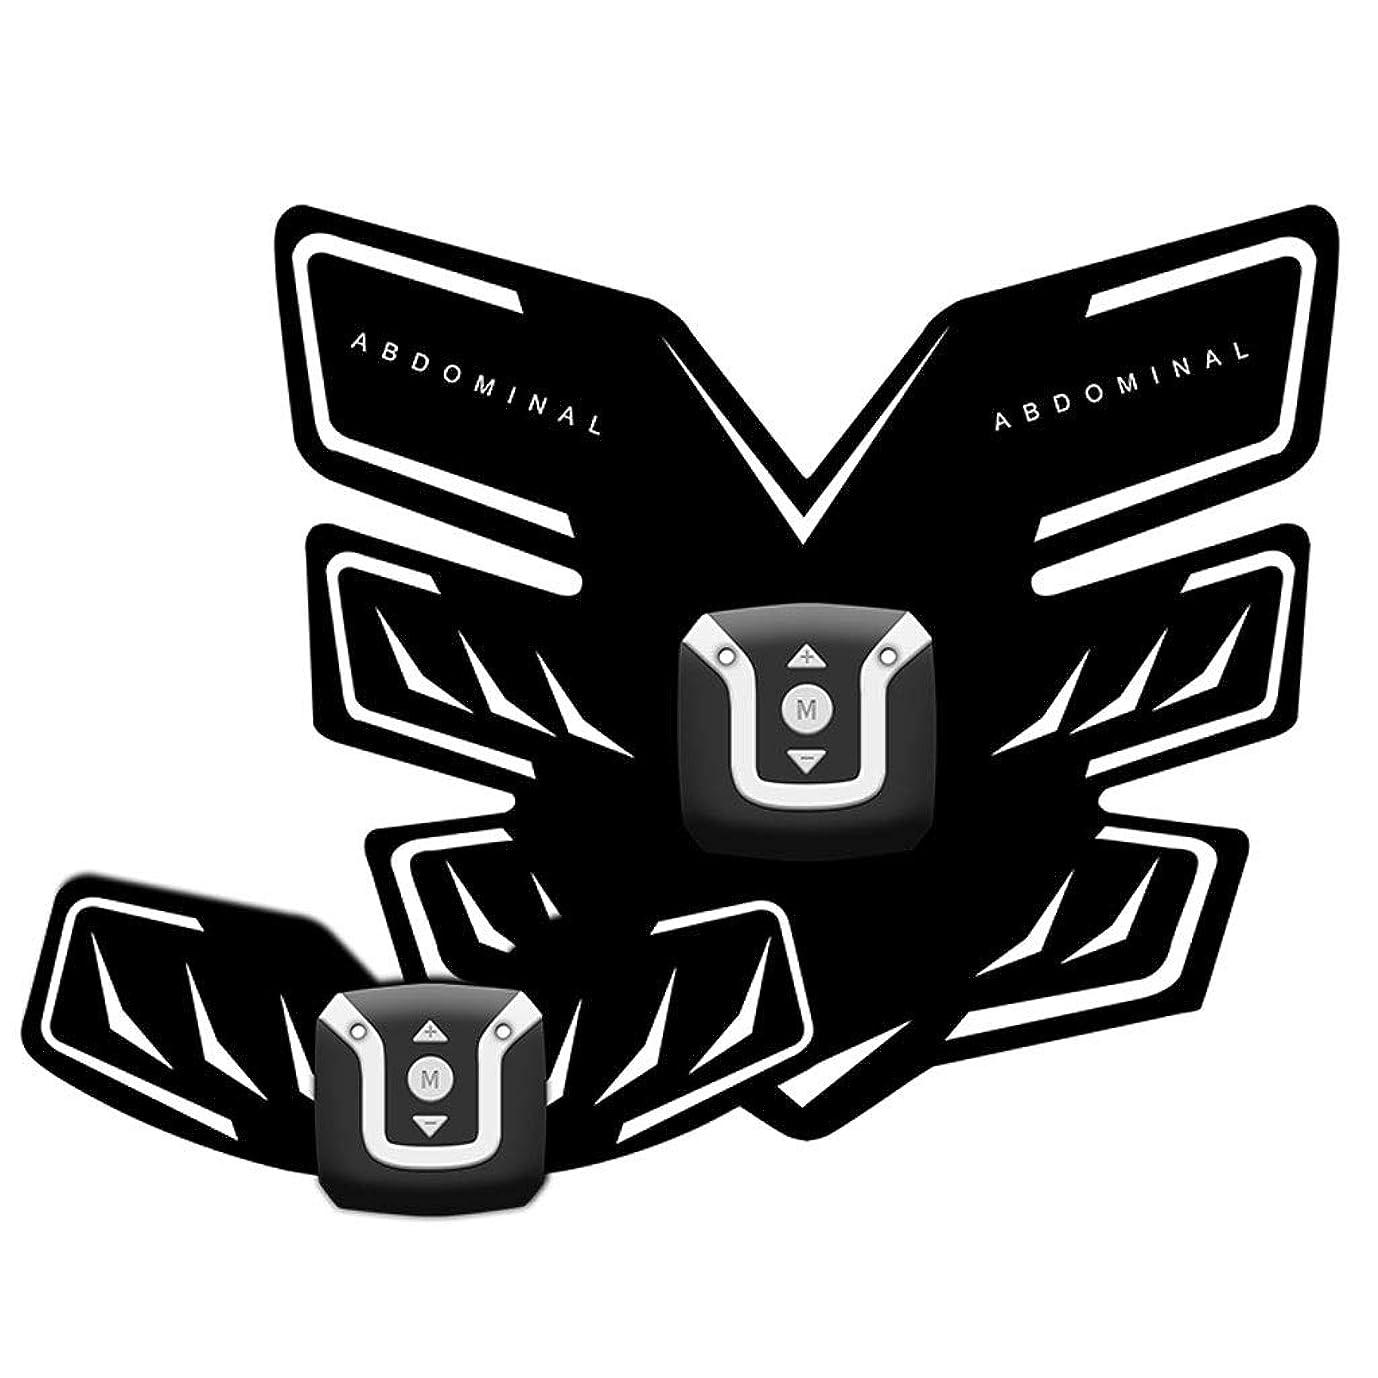 弱いとらえどころのないスクラッチ腹部筋肉トレーナーEMS腹部トレーナー筋肉刺激装置アブトーニングベルトウエストトレーナー腹サポートベルトジムトレーニングエクササイズマシンホームフィットネス (Size : A+B-black)